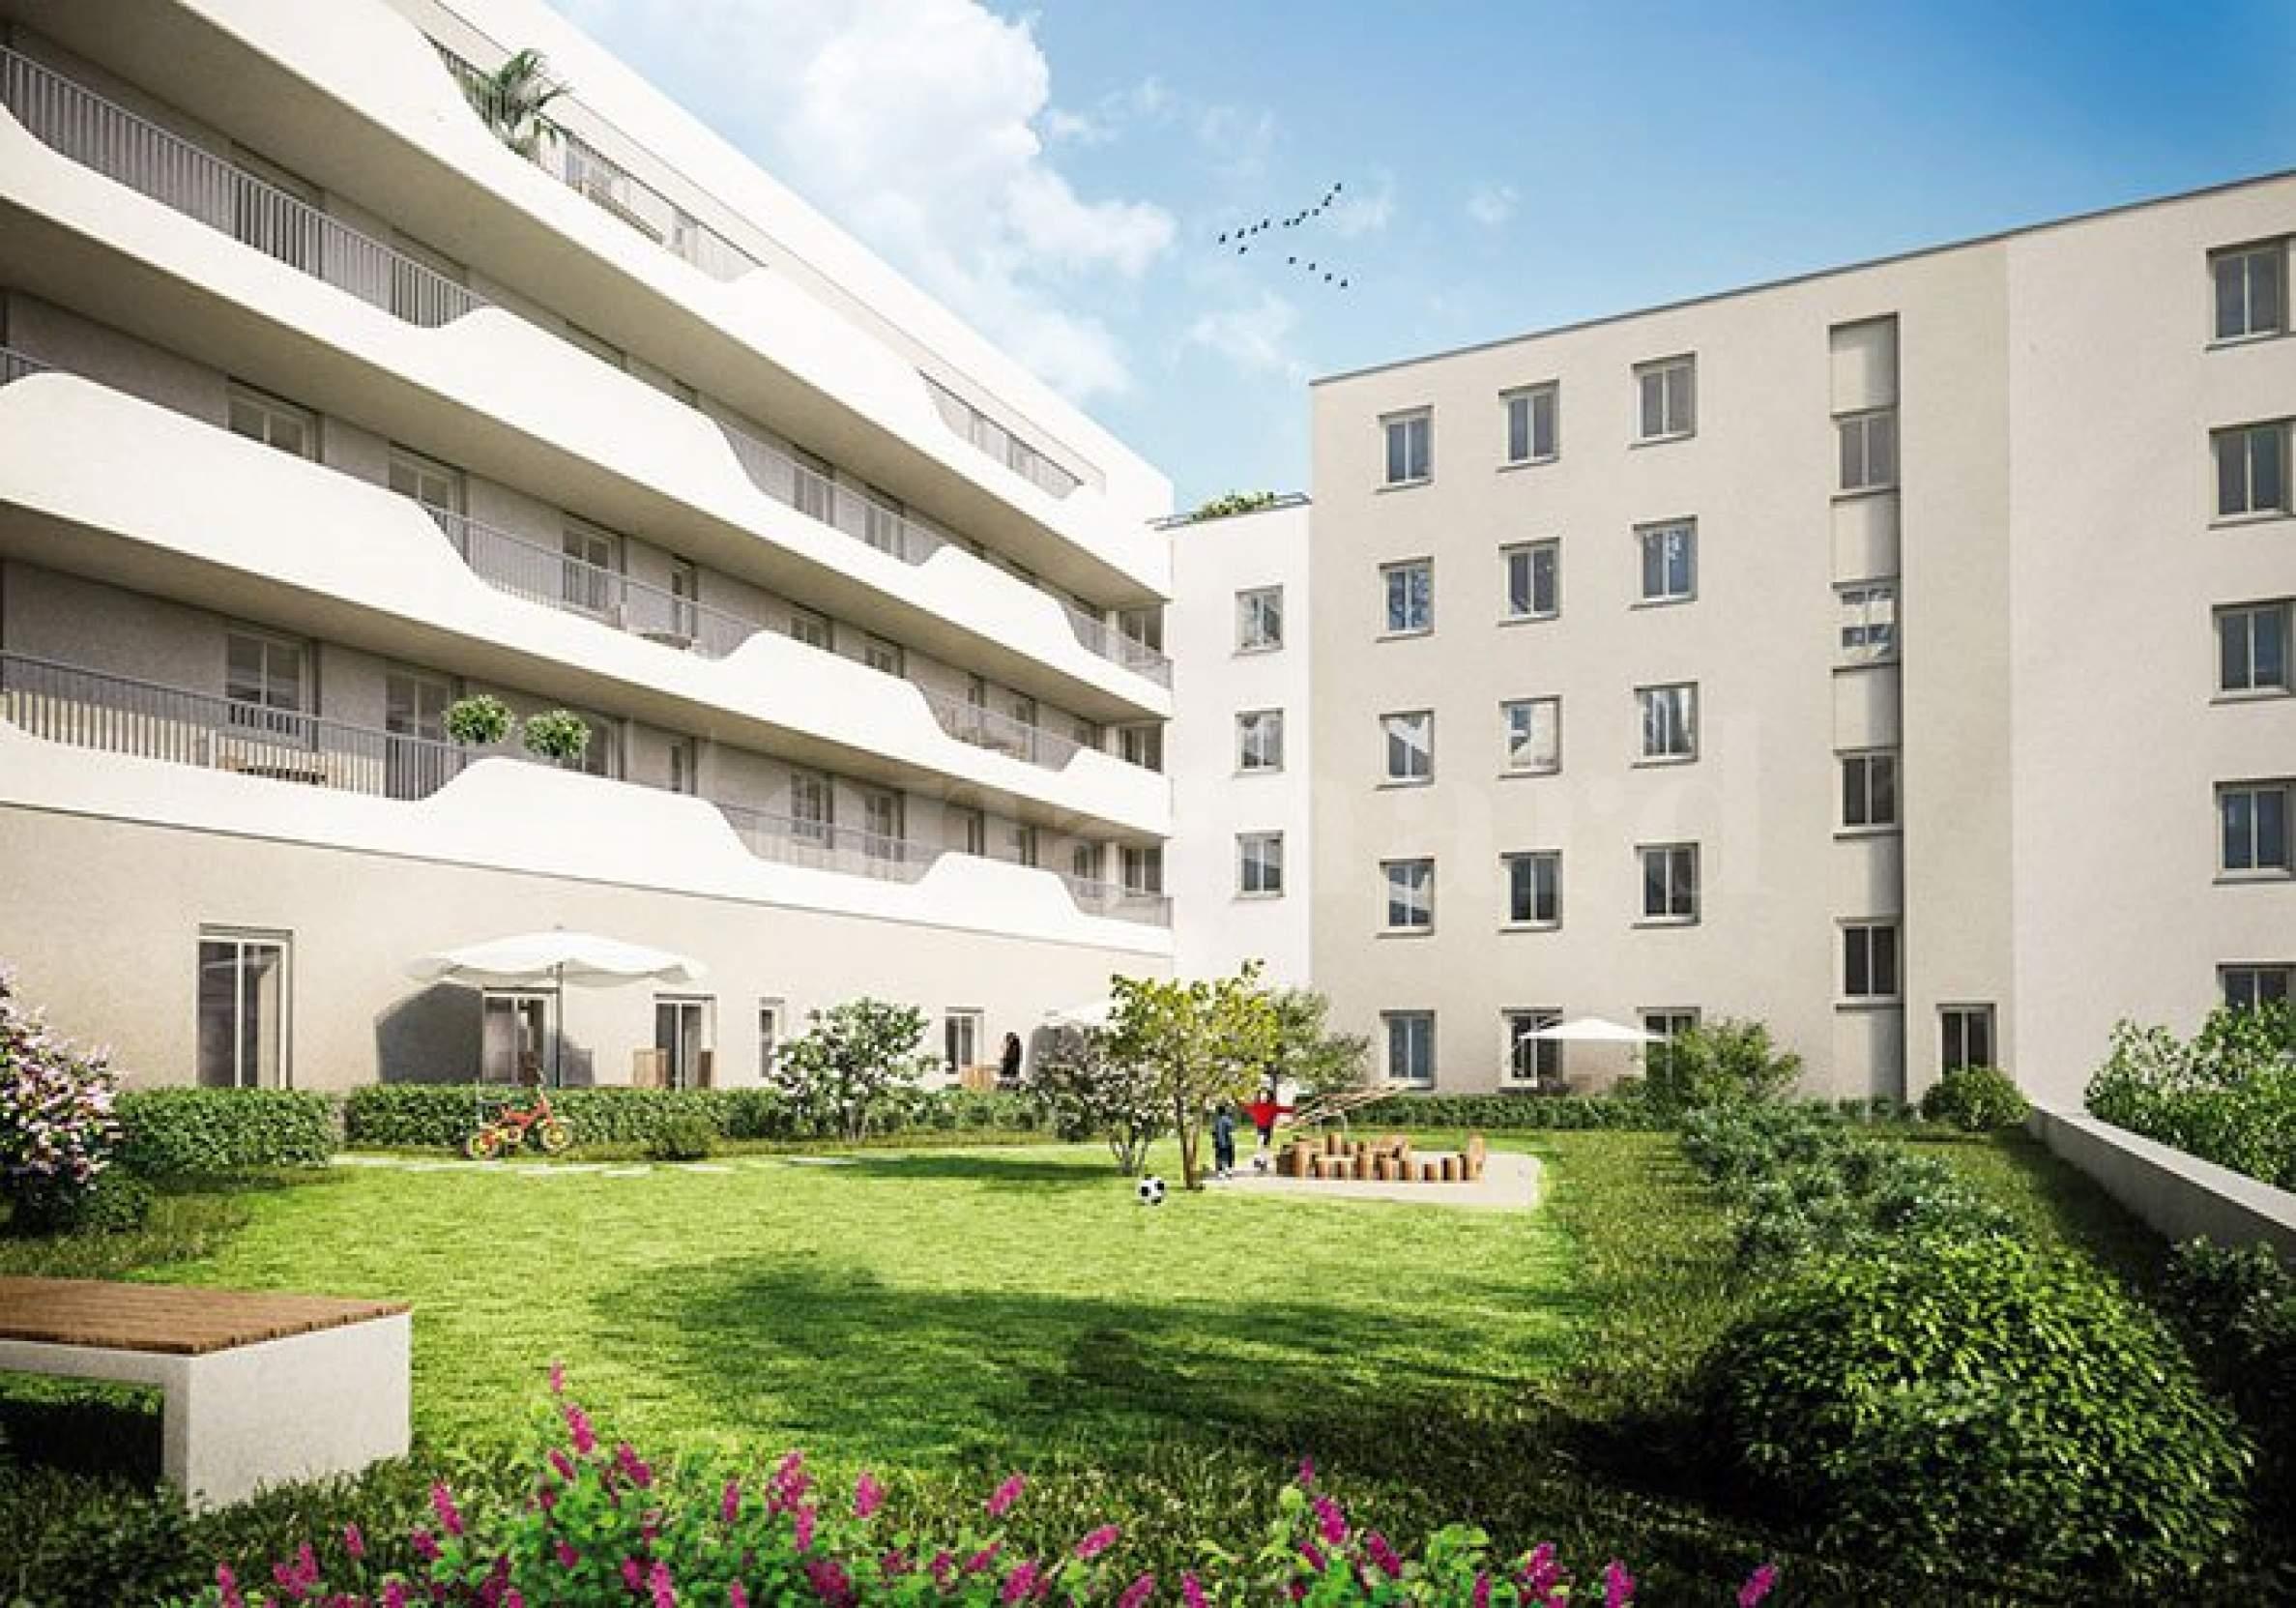 Ексклузивни апартаменти в 3 сгради в развит юго-западен район2 - Stonehard